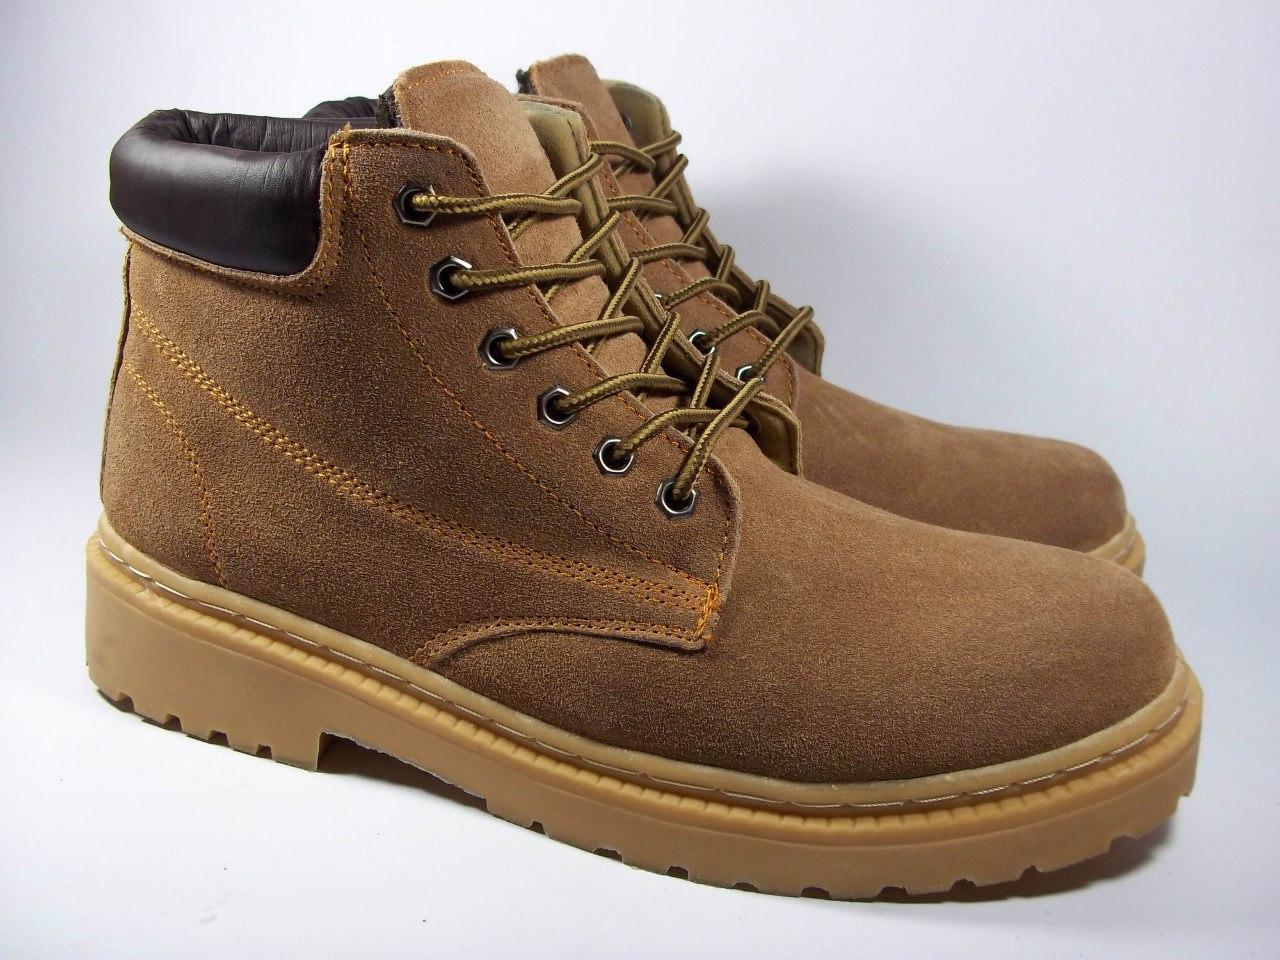 Нові чоловічі зимові черевики - Тернопіль - Форум Файного Міста 780a88939fe1d